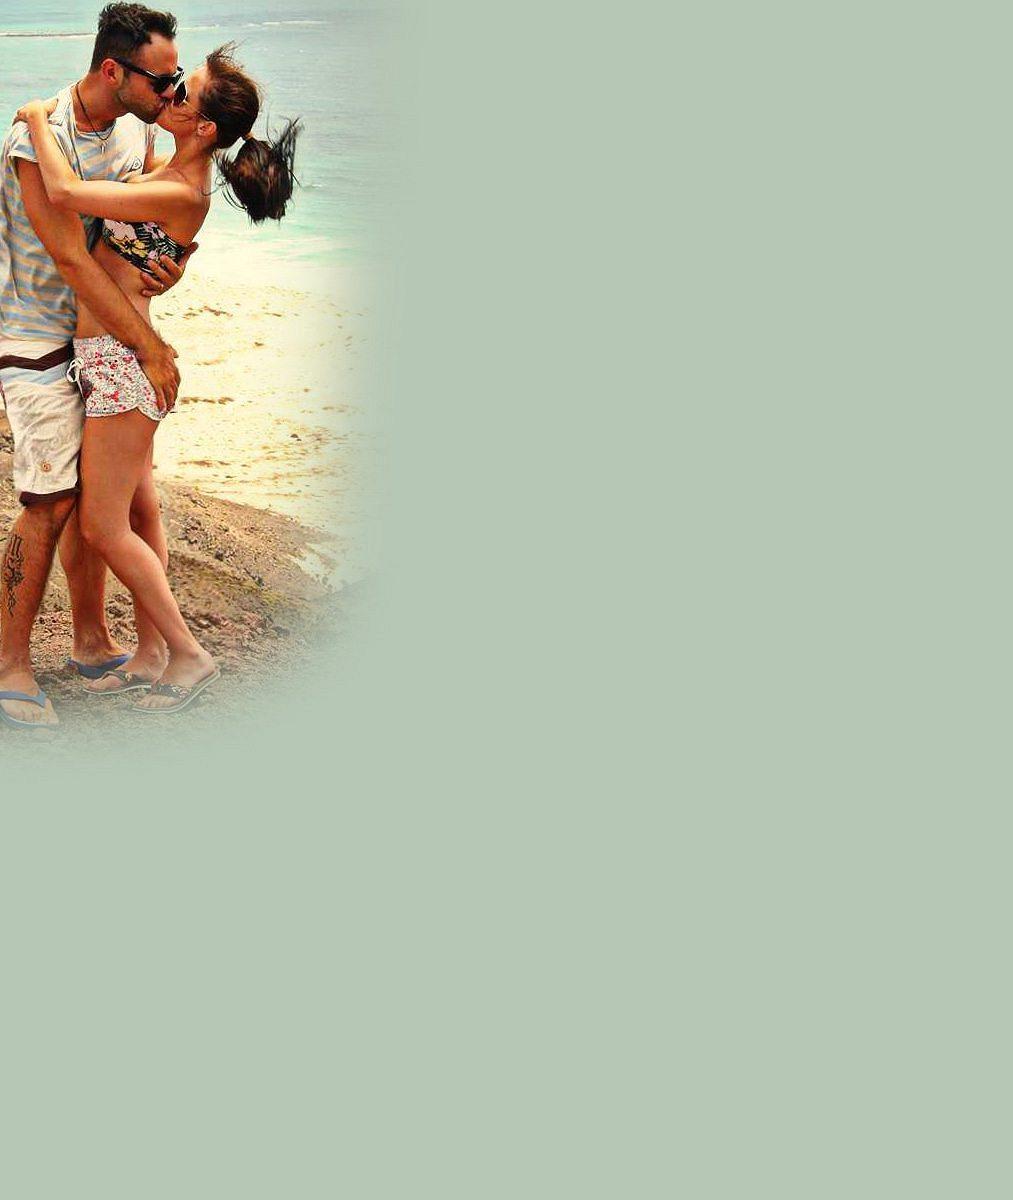 Je nádherná: Český zpěvák se pochlubil svou novomanželkou. Podívejte, jak si užívala na pláži vexotice